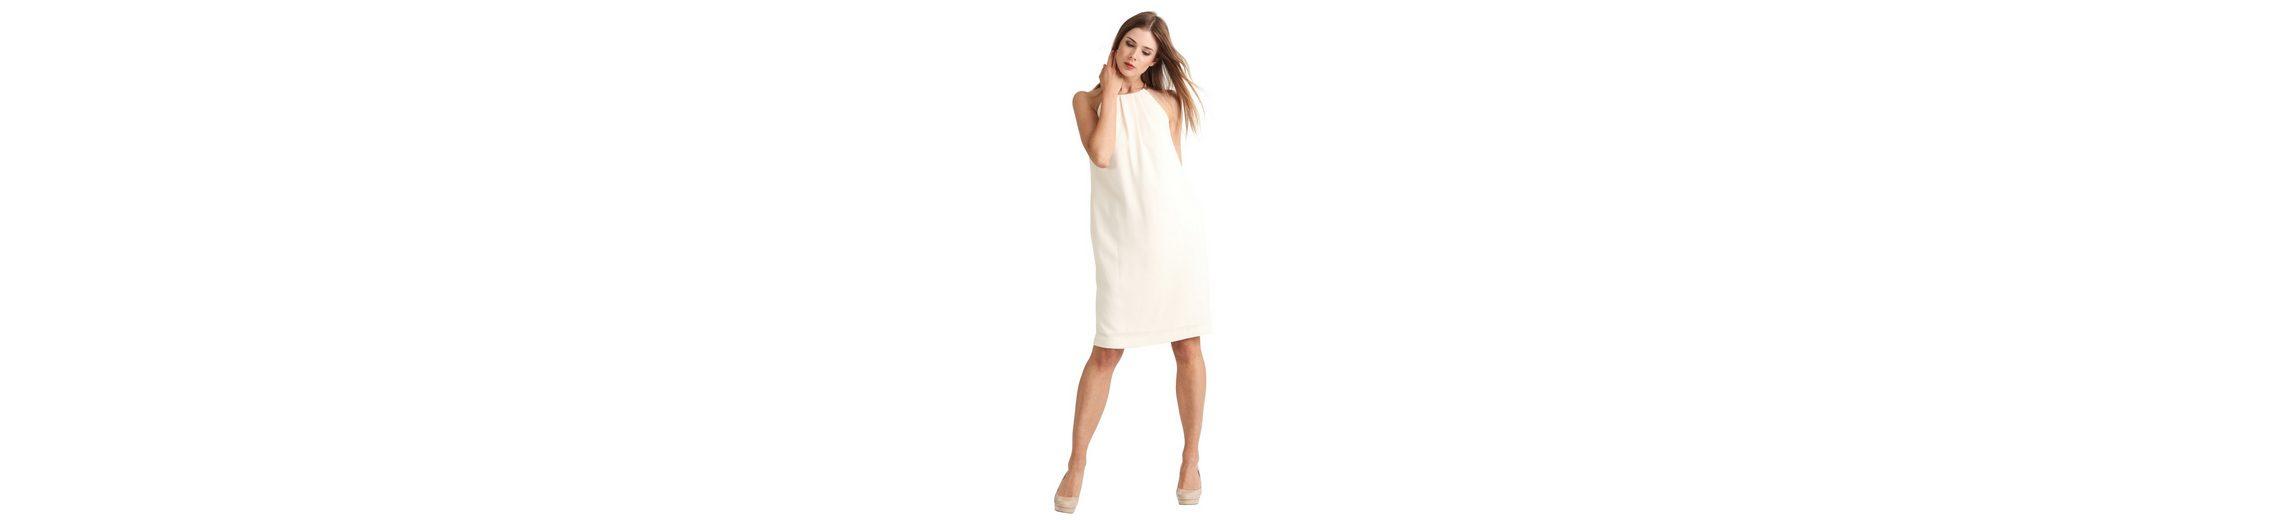 Ausgezeichnet  Wie Viel Apart Kleid Rundhals eHX5C